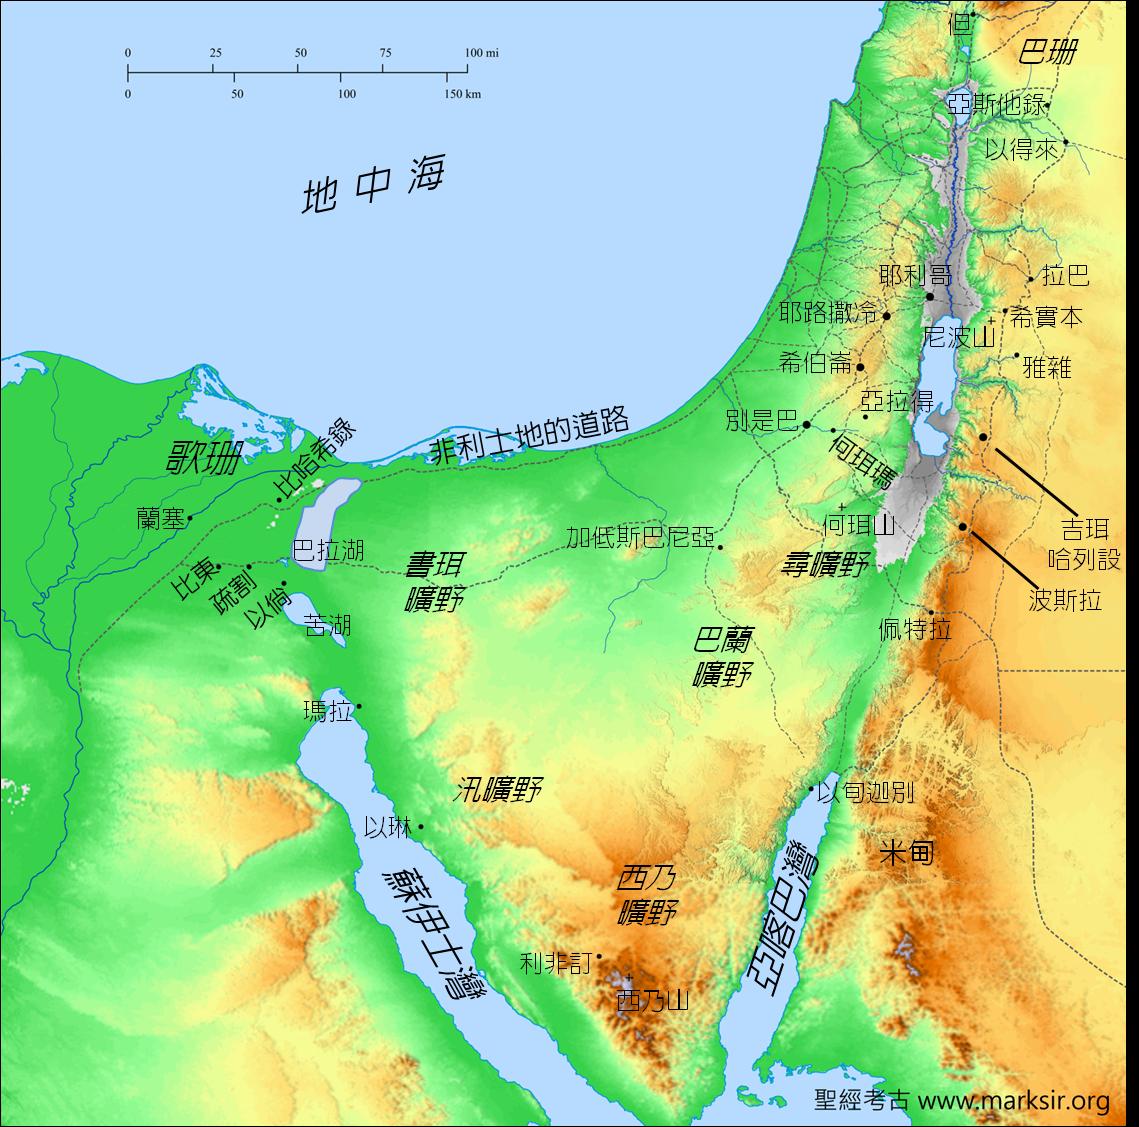 上图:歌珊地的详细位置和大小不明,可能在尼罗河三角洲的东部,比东和兰塞两城可能包括在内,至今仍然是十分肥沃富饶的地区。